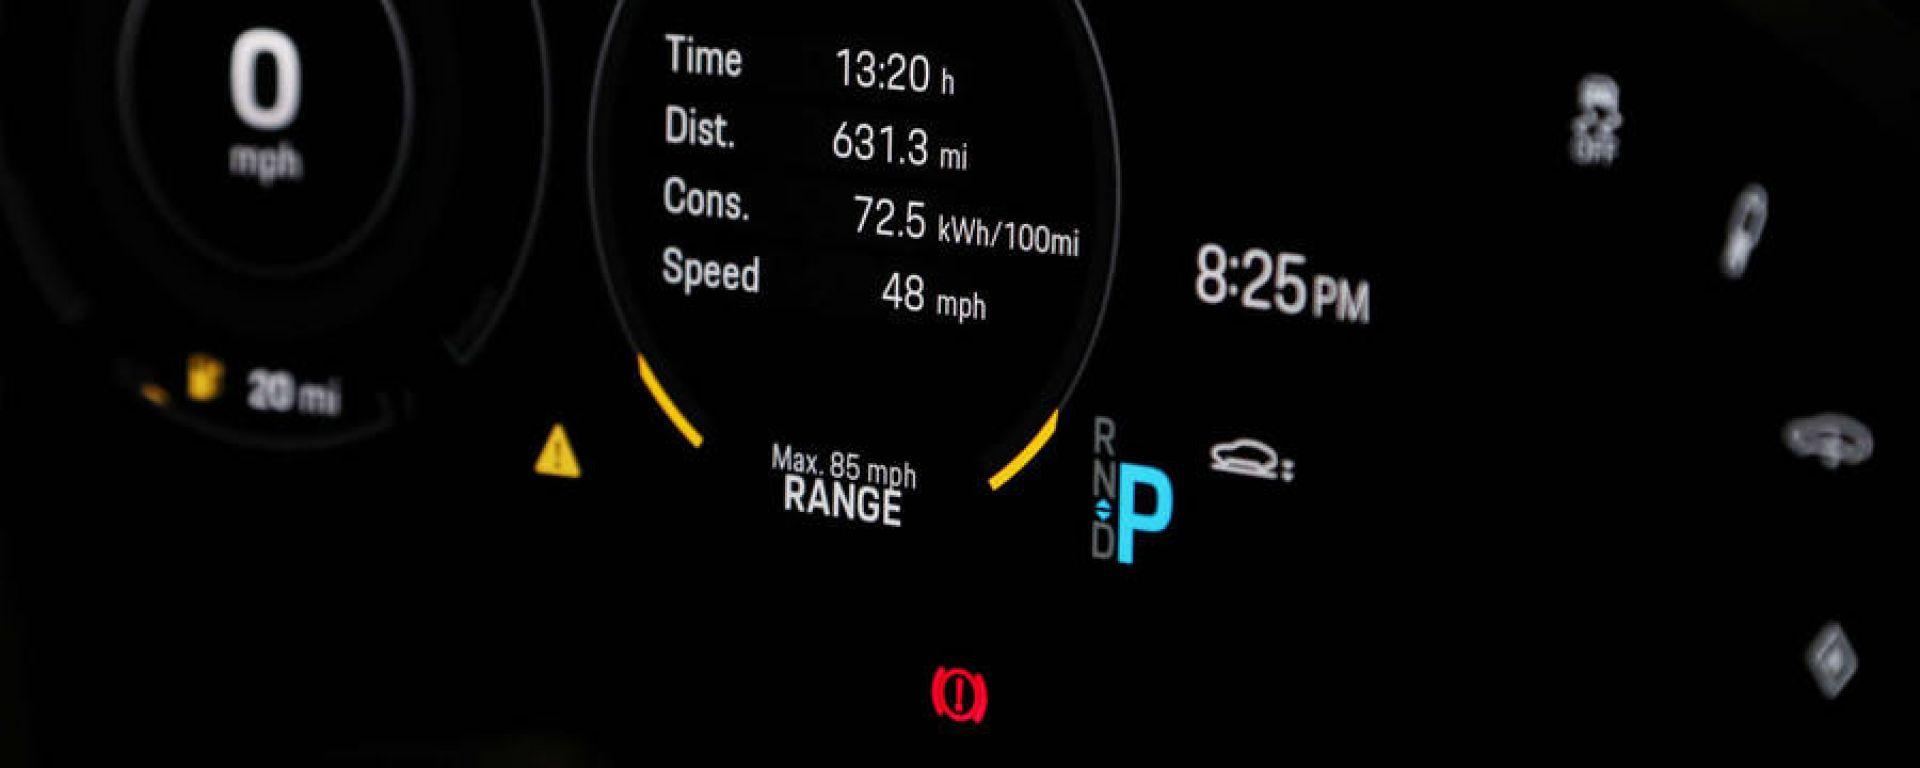 La Taycan a Brands Hatch ha percorso 631 miglia (1.015 km) in 13 ore e 20 minuti